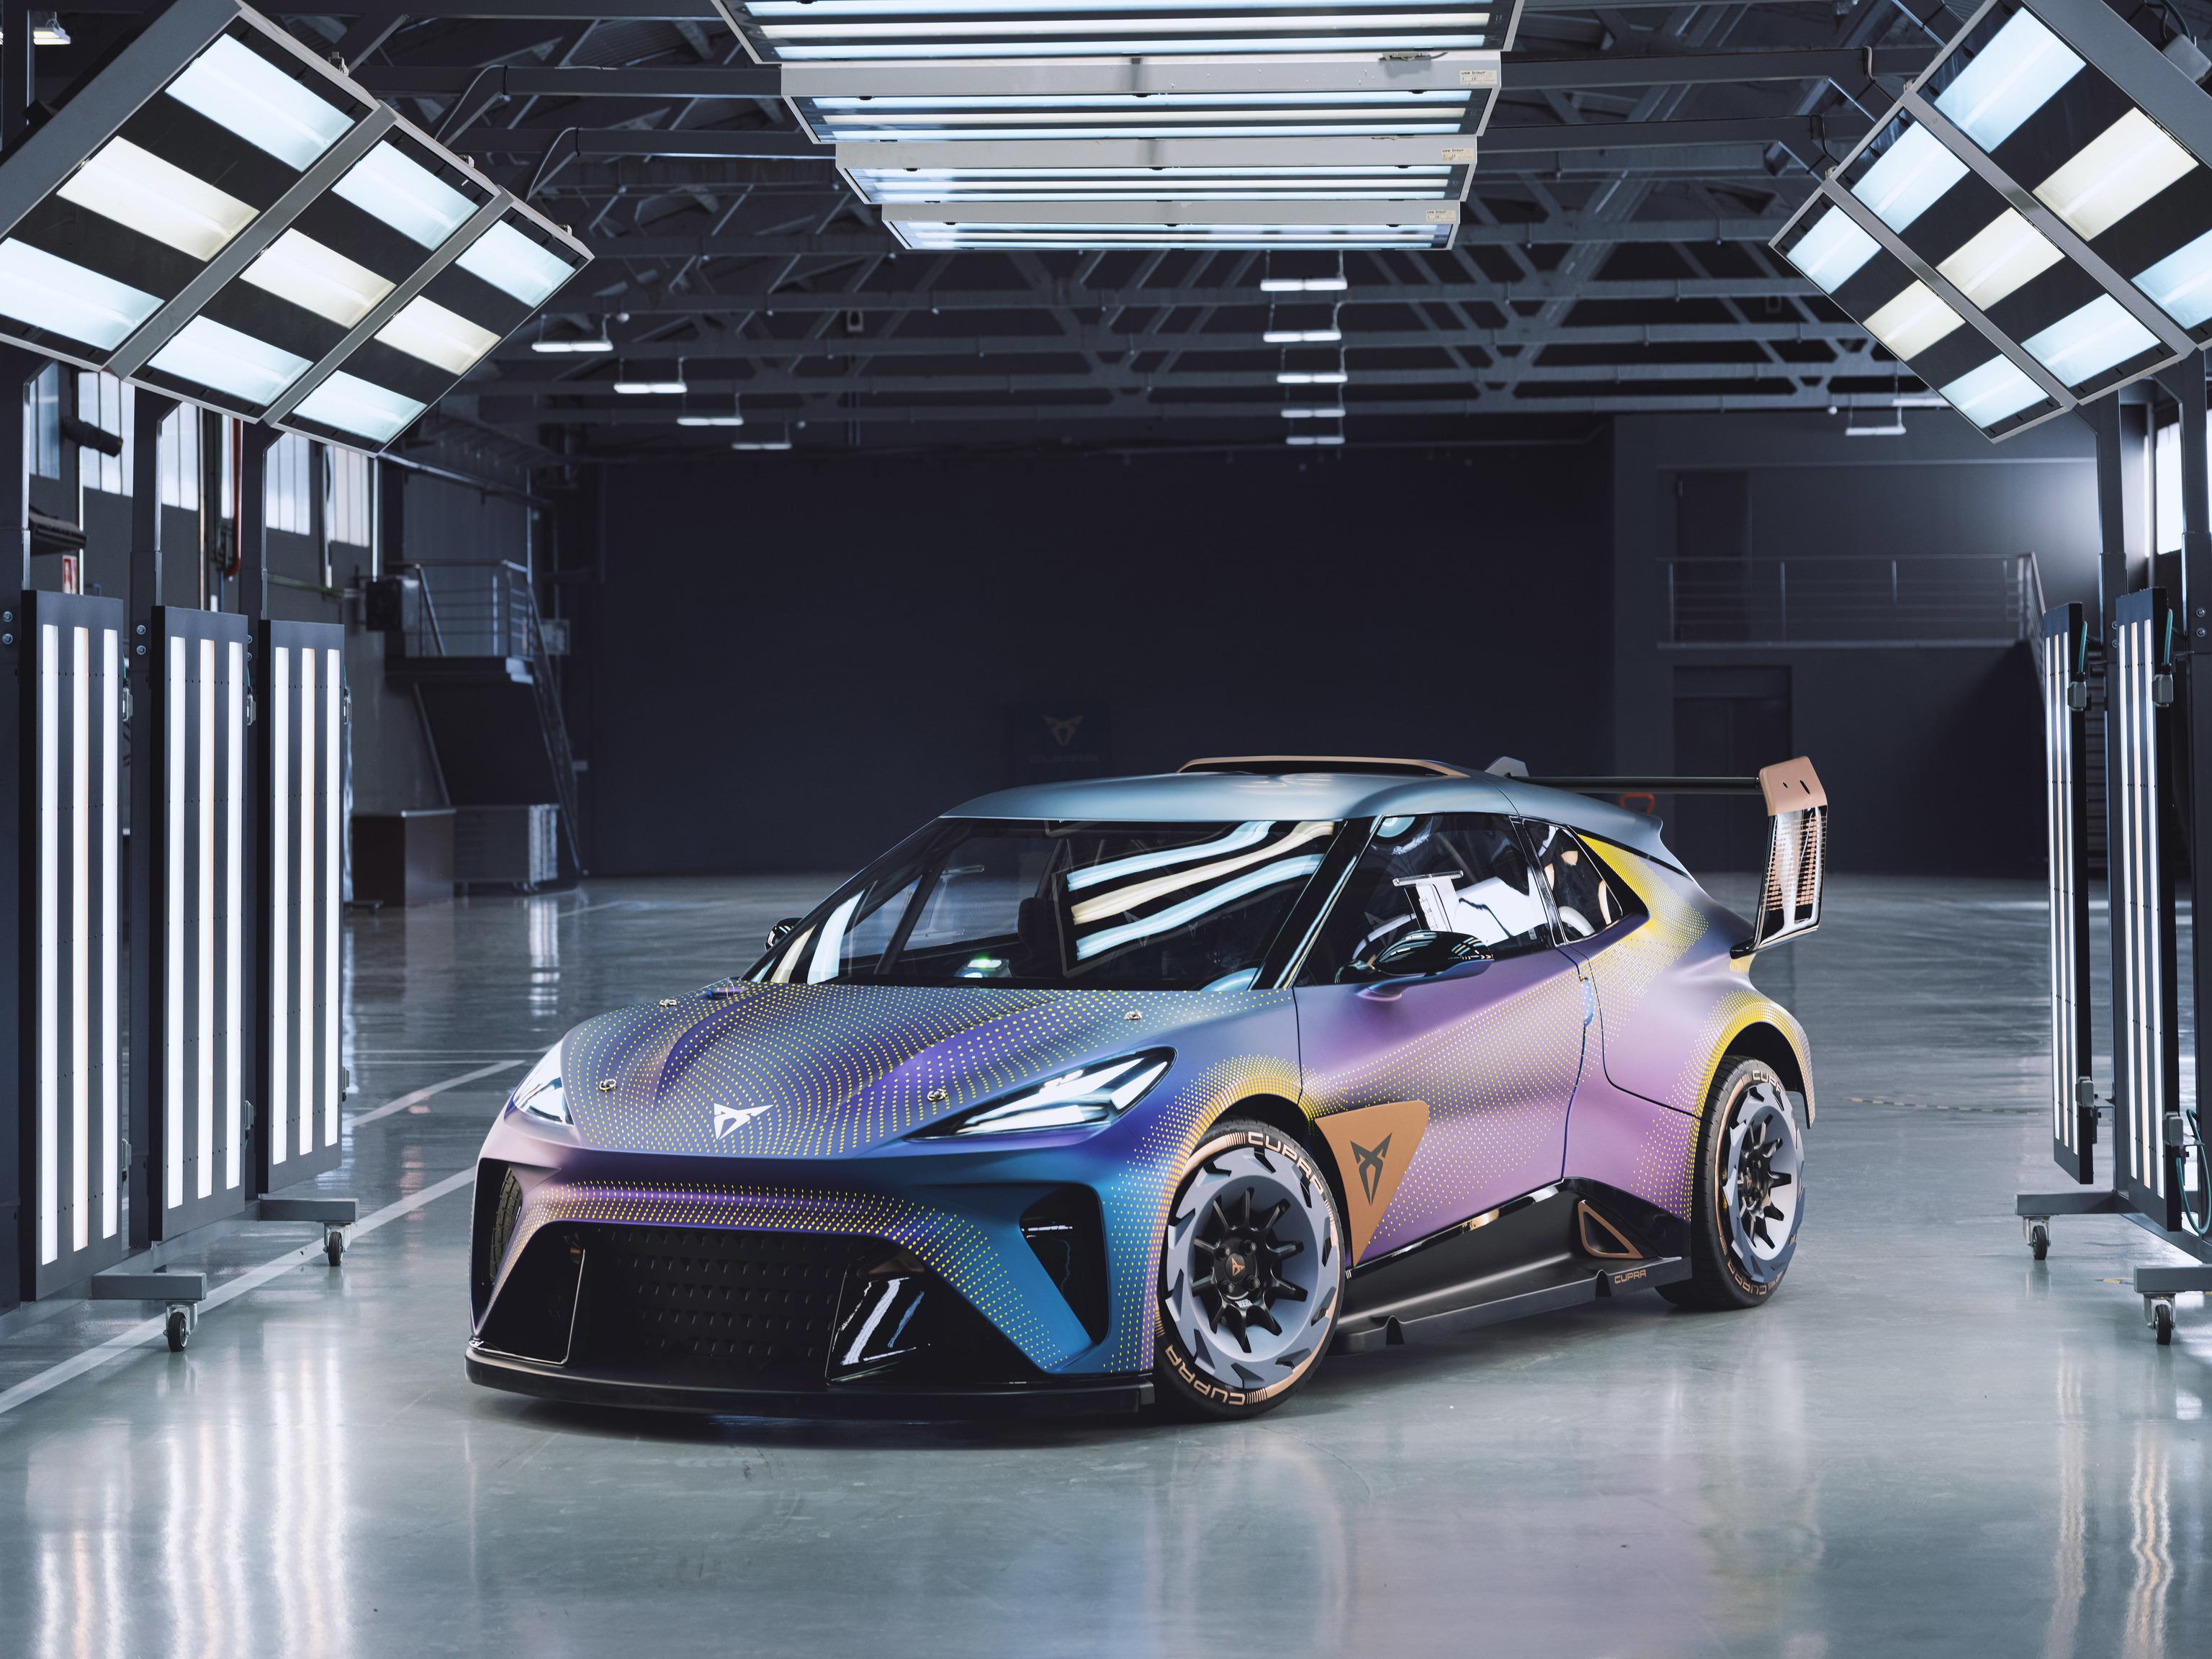 El Cupra UrbanRebel concept adelanta los electricos pequeños de VW